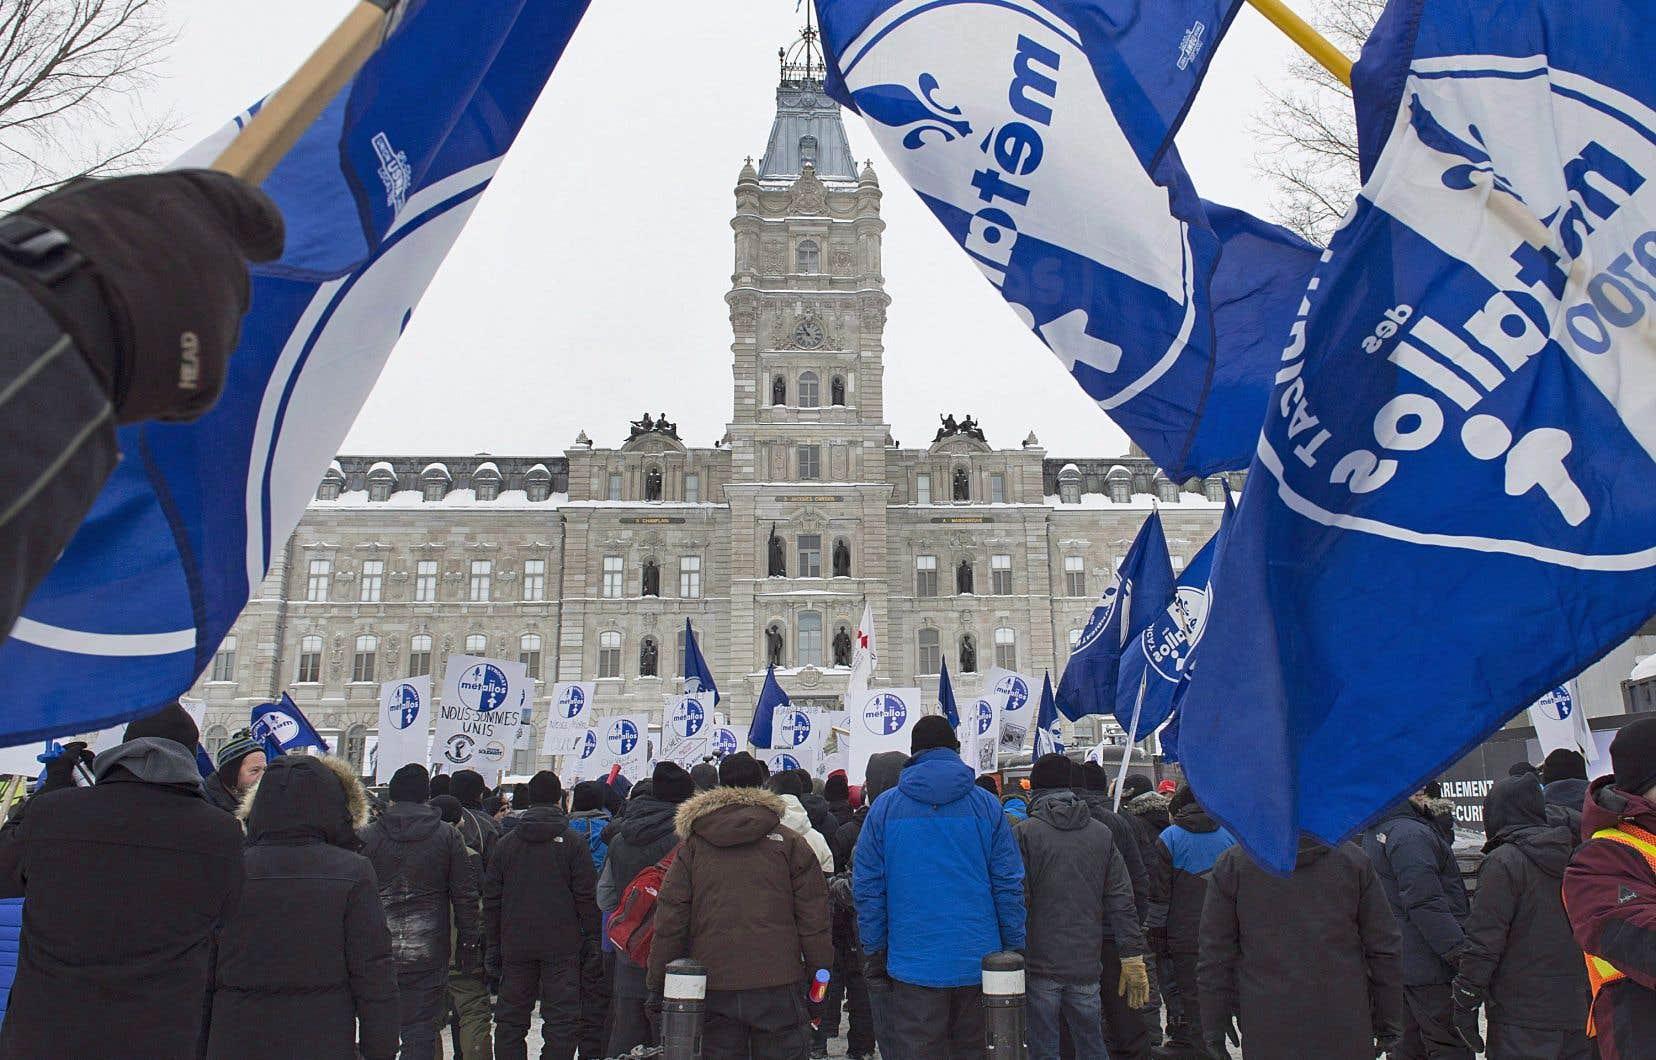 Les travailleurs d'ABI ont manifesté en février devant l'Assemblée nationale, à Québec. Ils interpellent maintenant les chefs des partis pour qu'ils se positionnent sur le conflit.